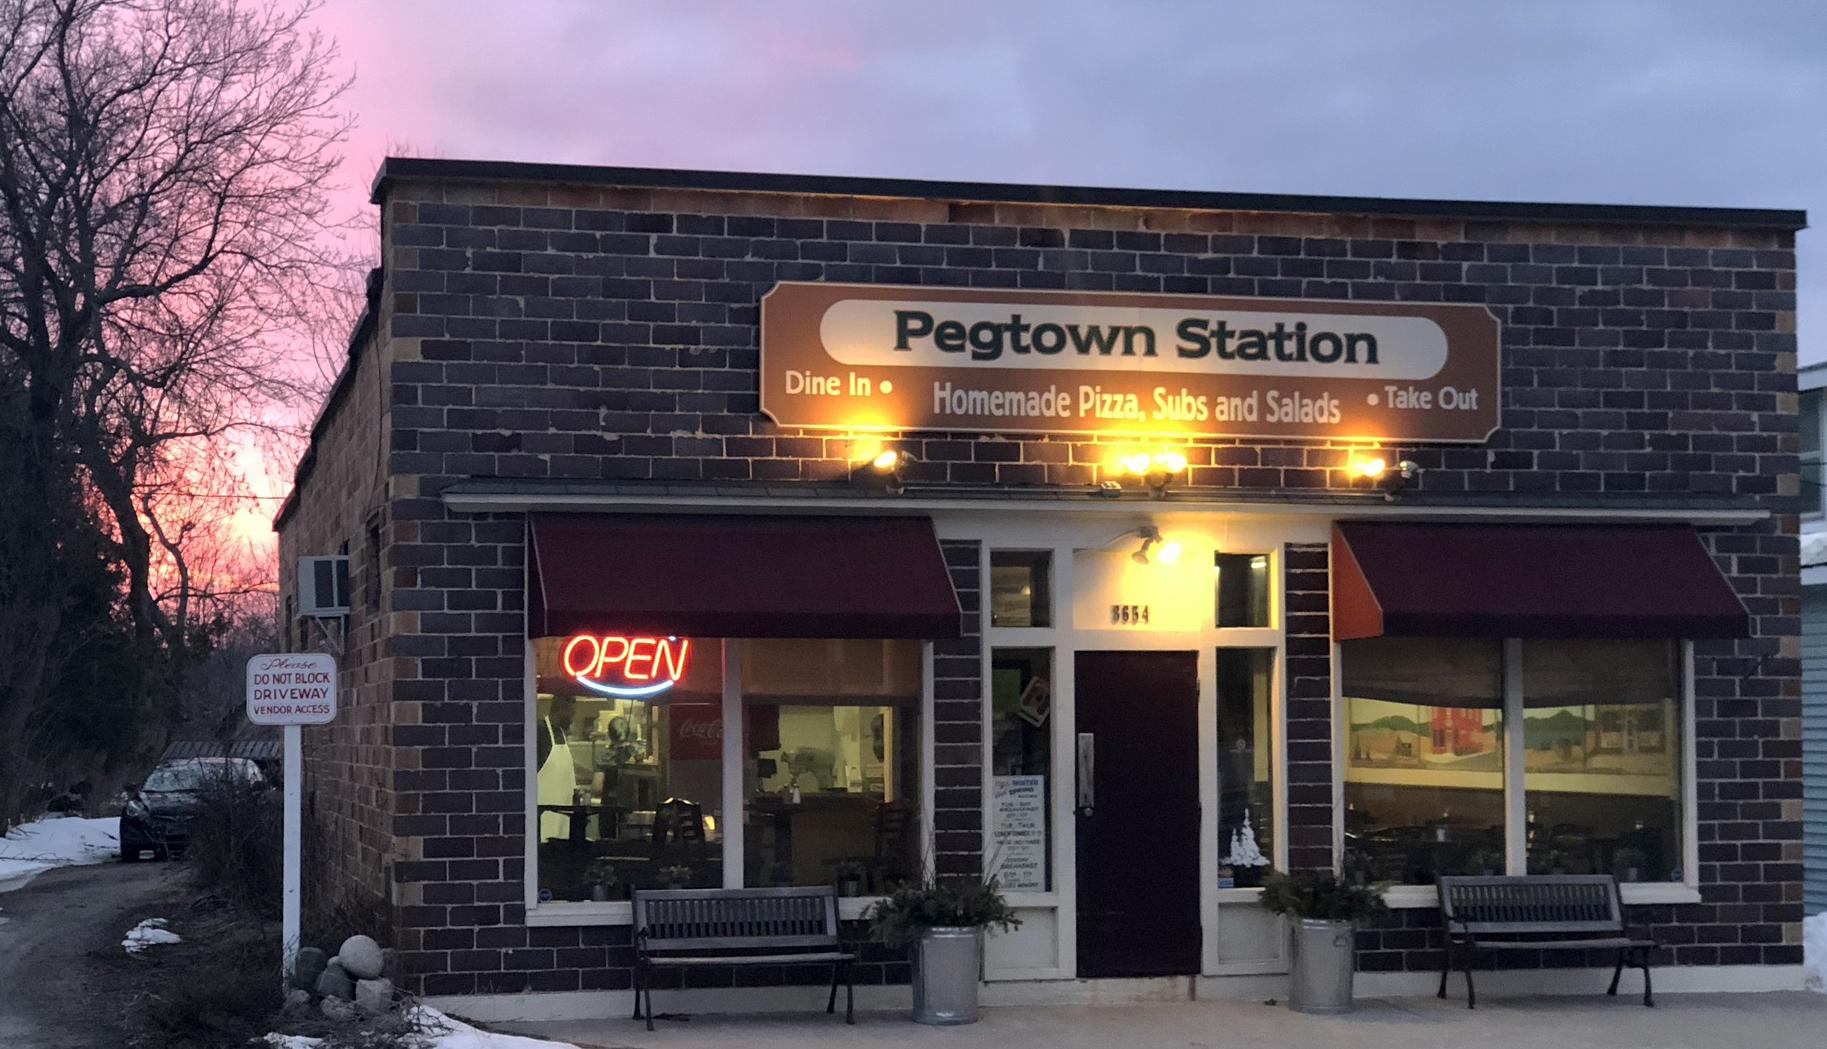 PegtownIMG 0389